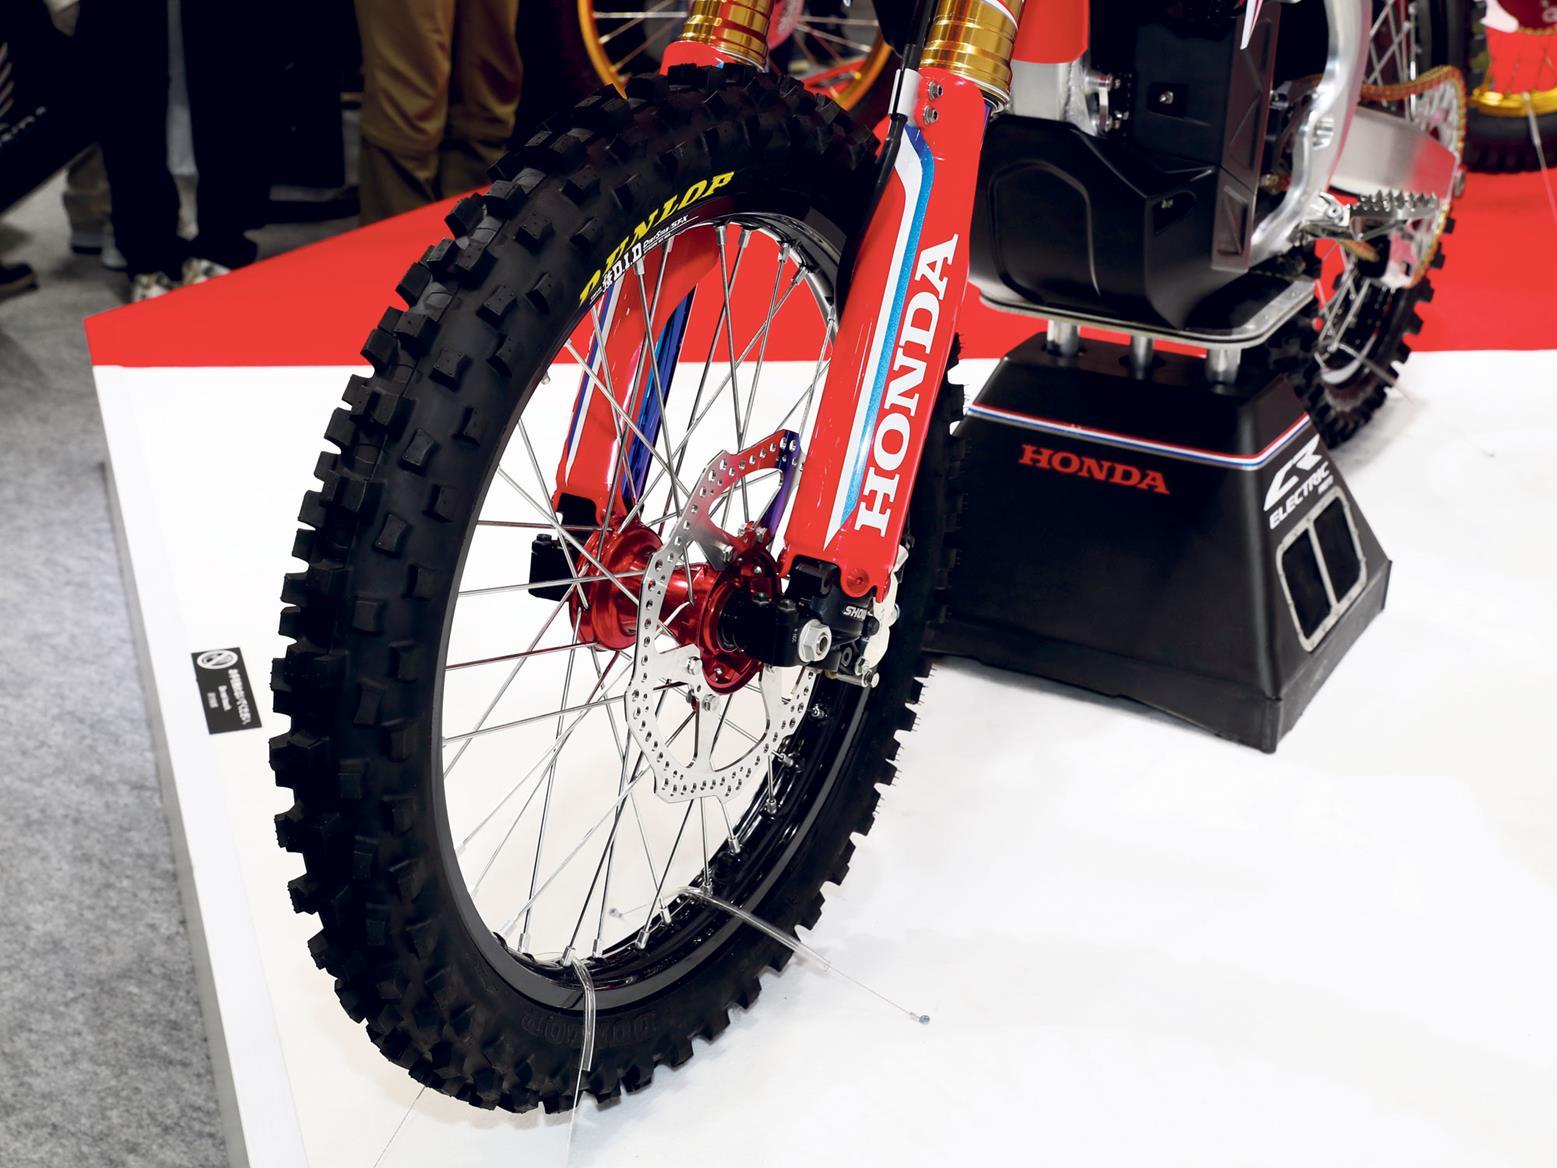 Honda CR-E electric bike forks